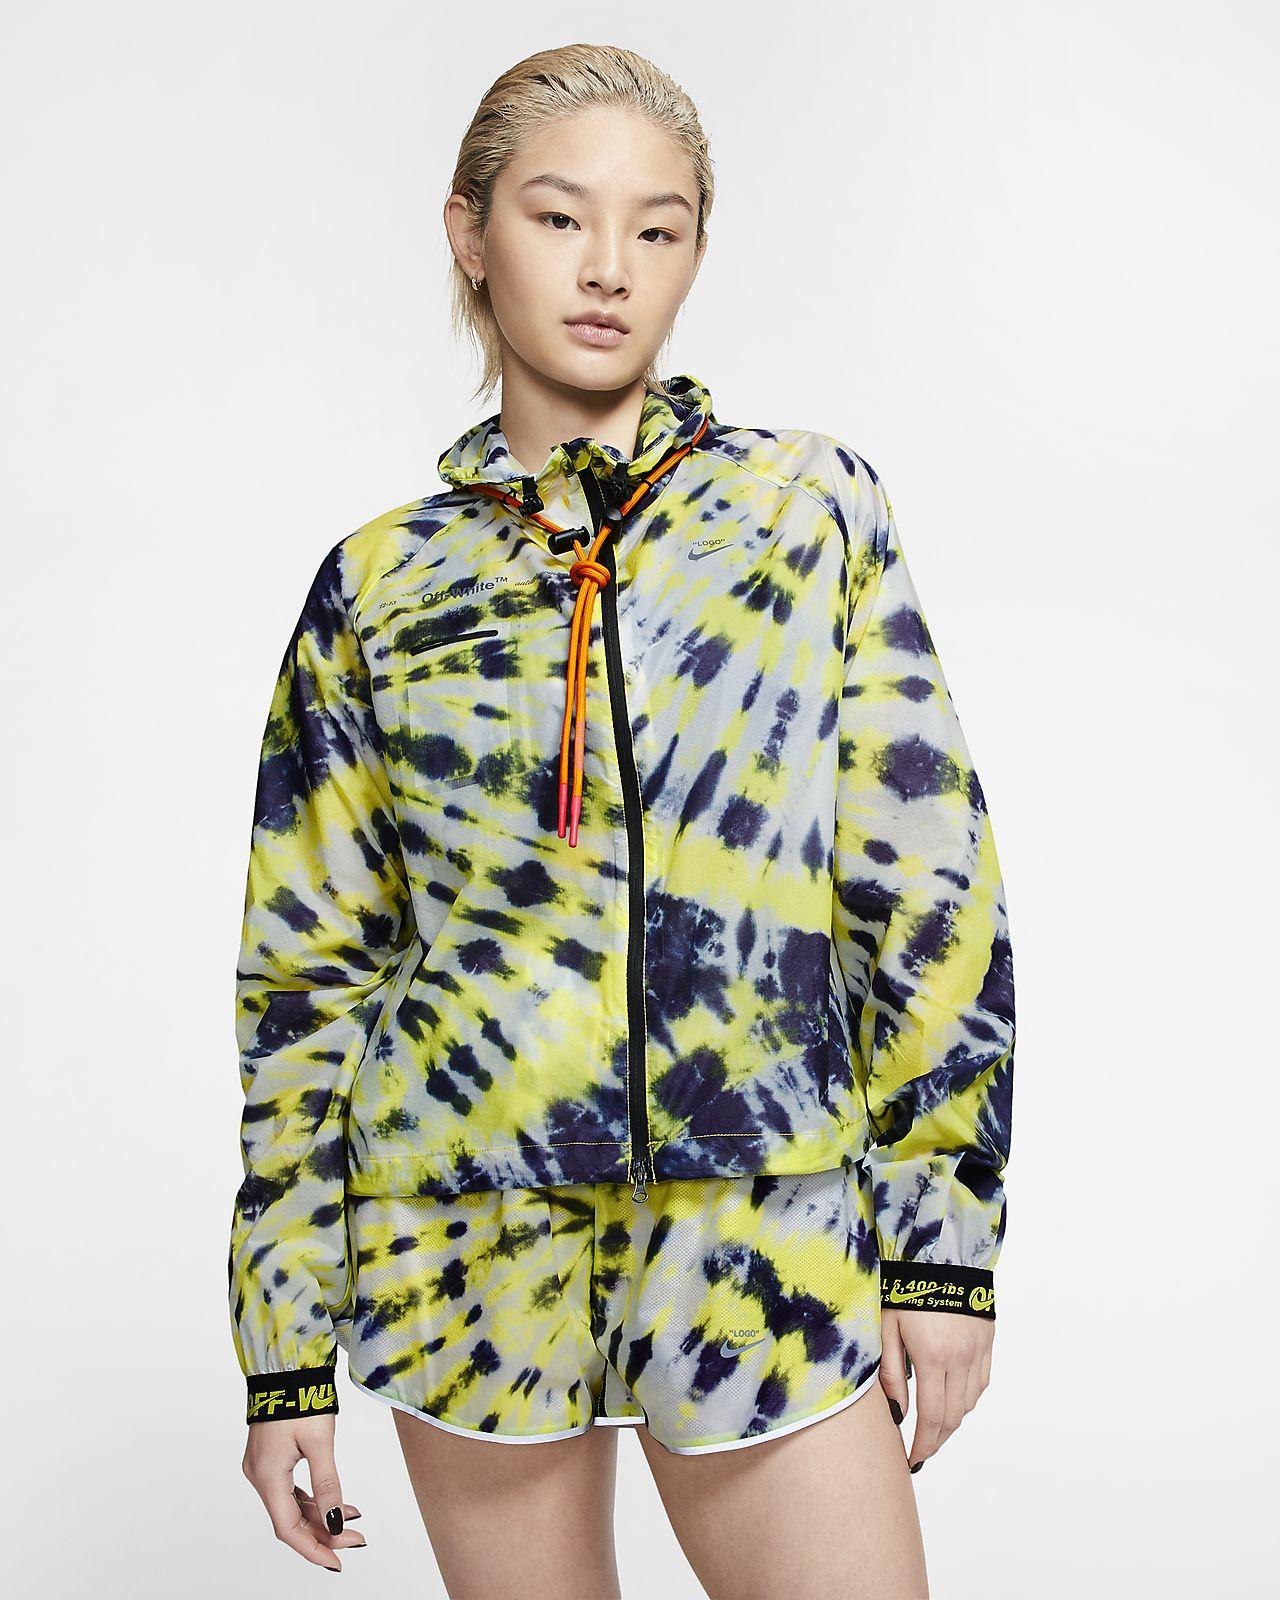 Nike x Off-White™ Women's Tie Dye Jacket